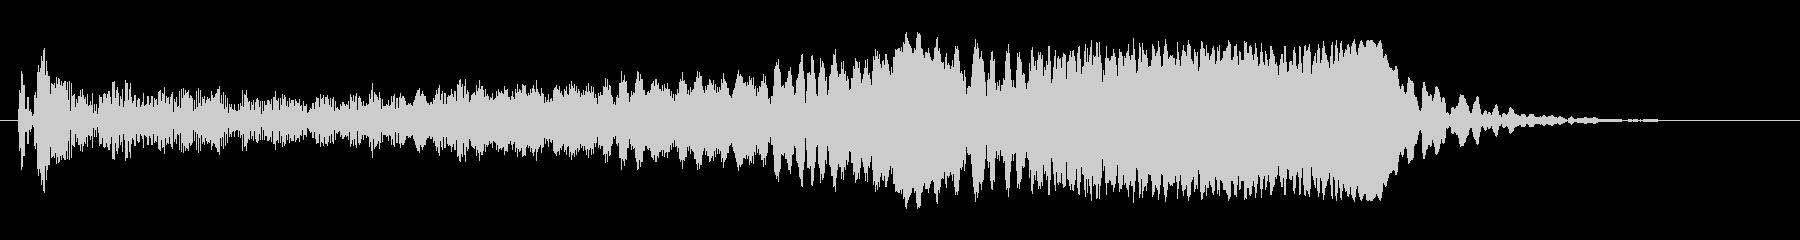 伸びやかで綺麗な効果音の未再生の波形